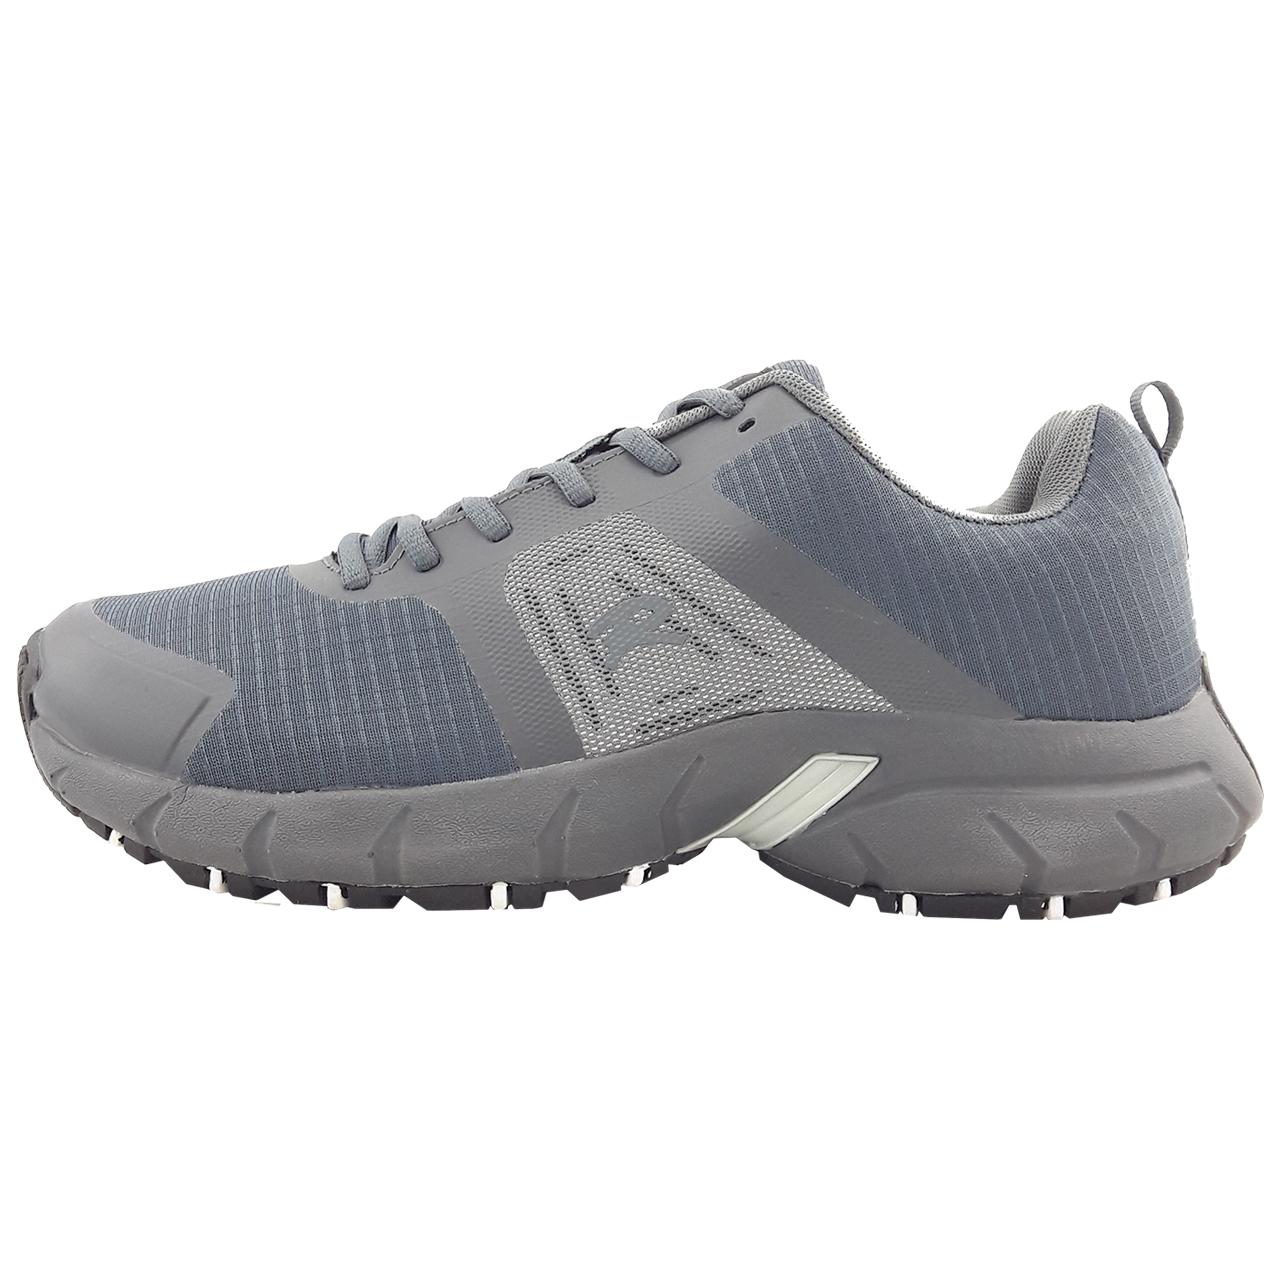 قیمت کفش راحتی مردانه فورس مدل R bzrg-gry-nvy01